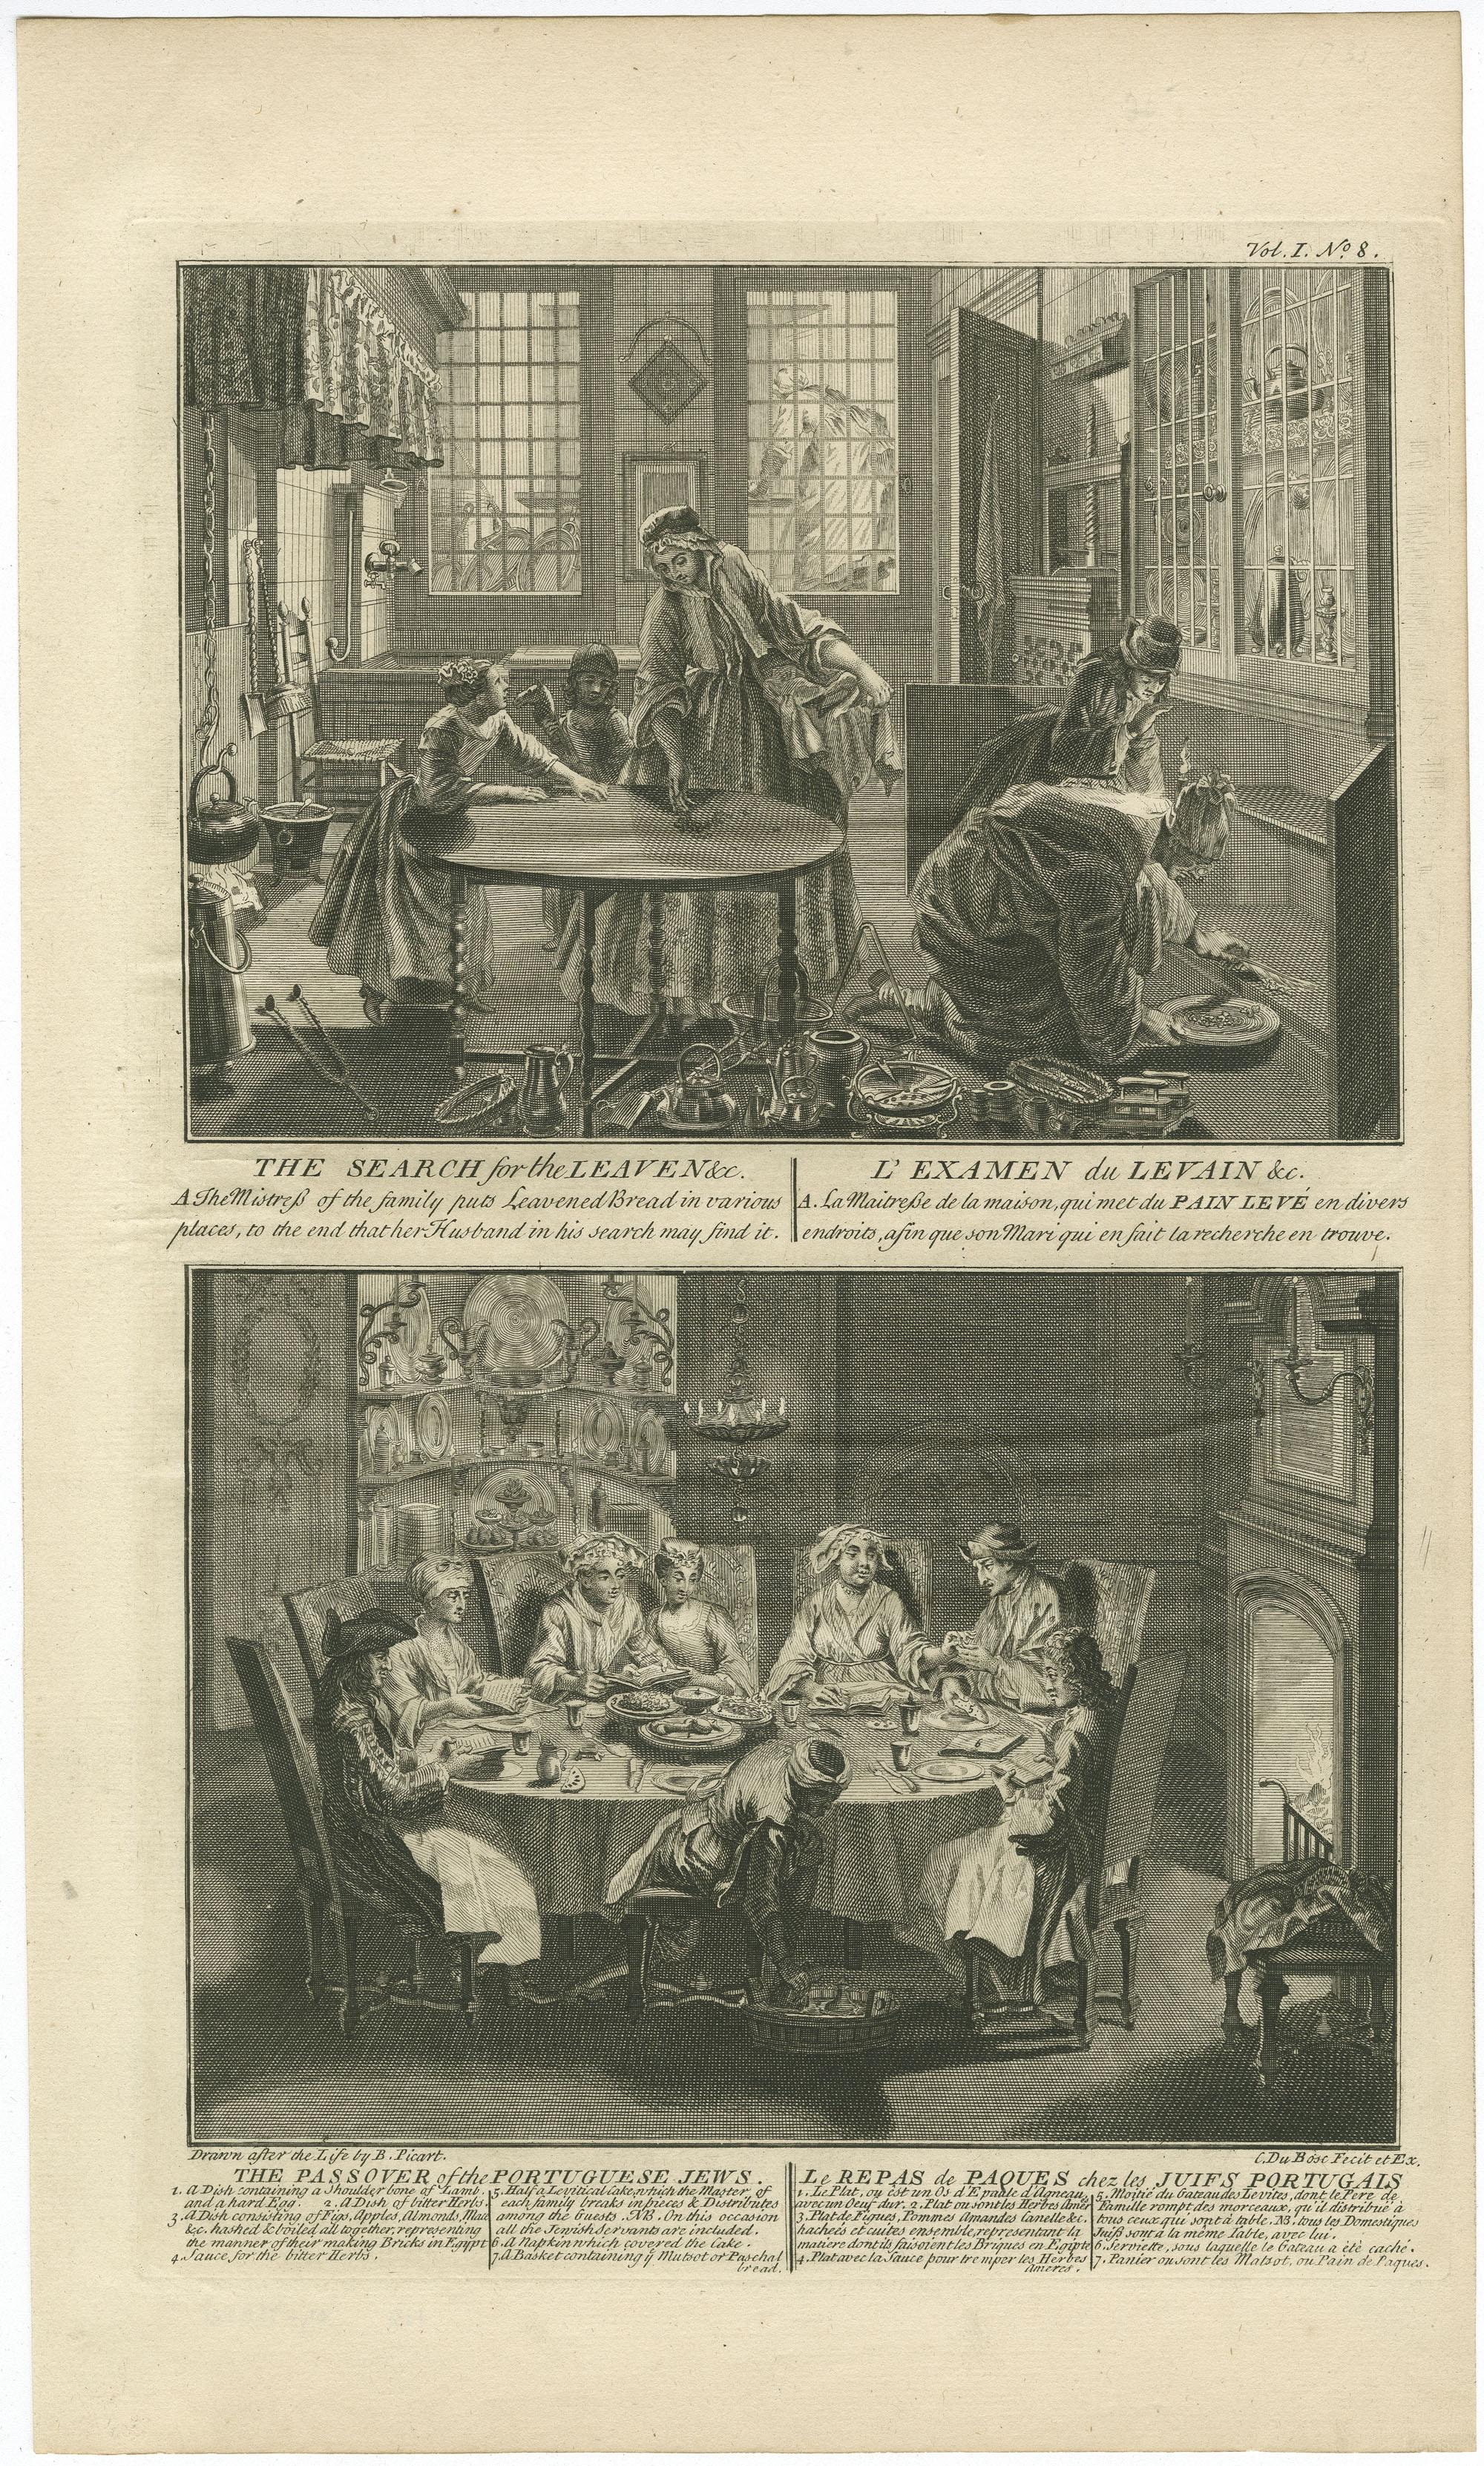 The Search for the Leaven &c. / L'Examen du Levain &c. - The Passover of the Portuguese Jews / Le Repas de Paques chez les Juifs Portugais